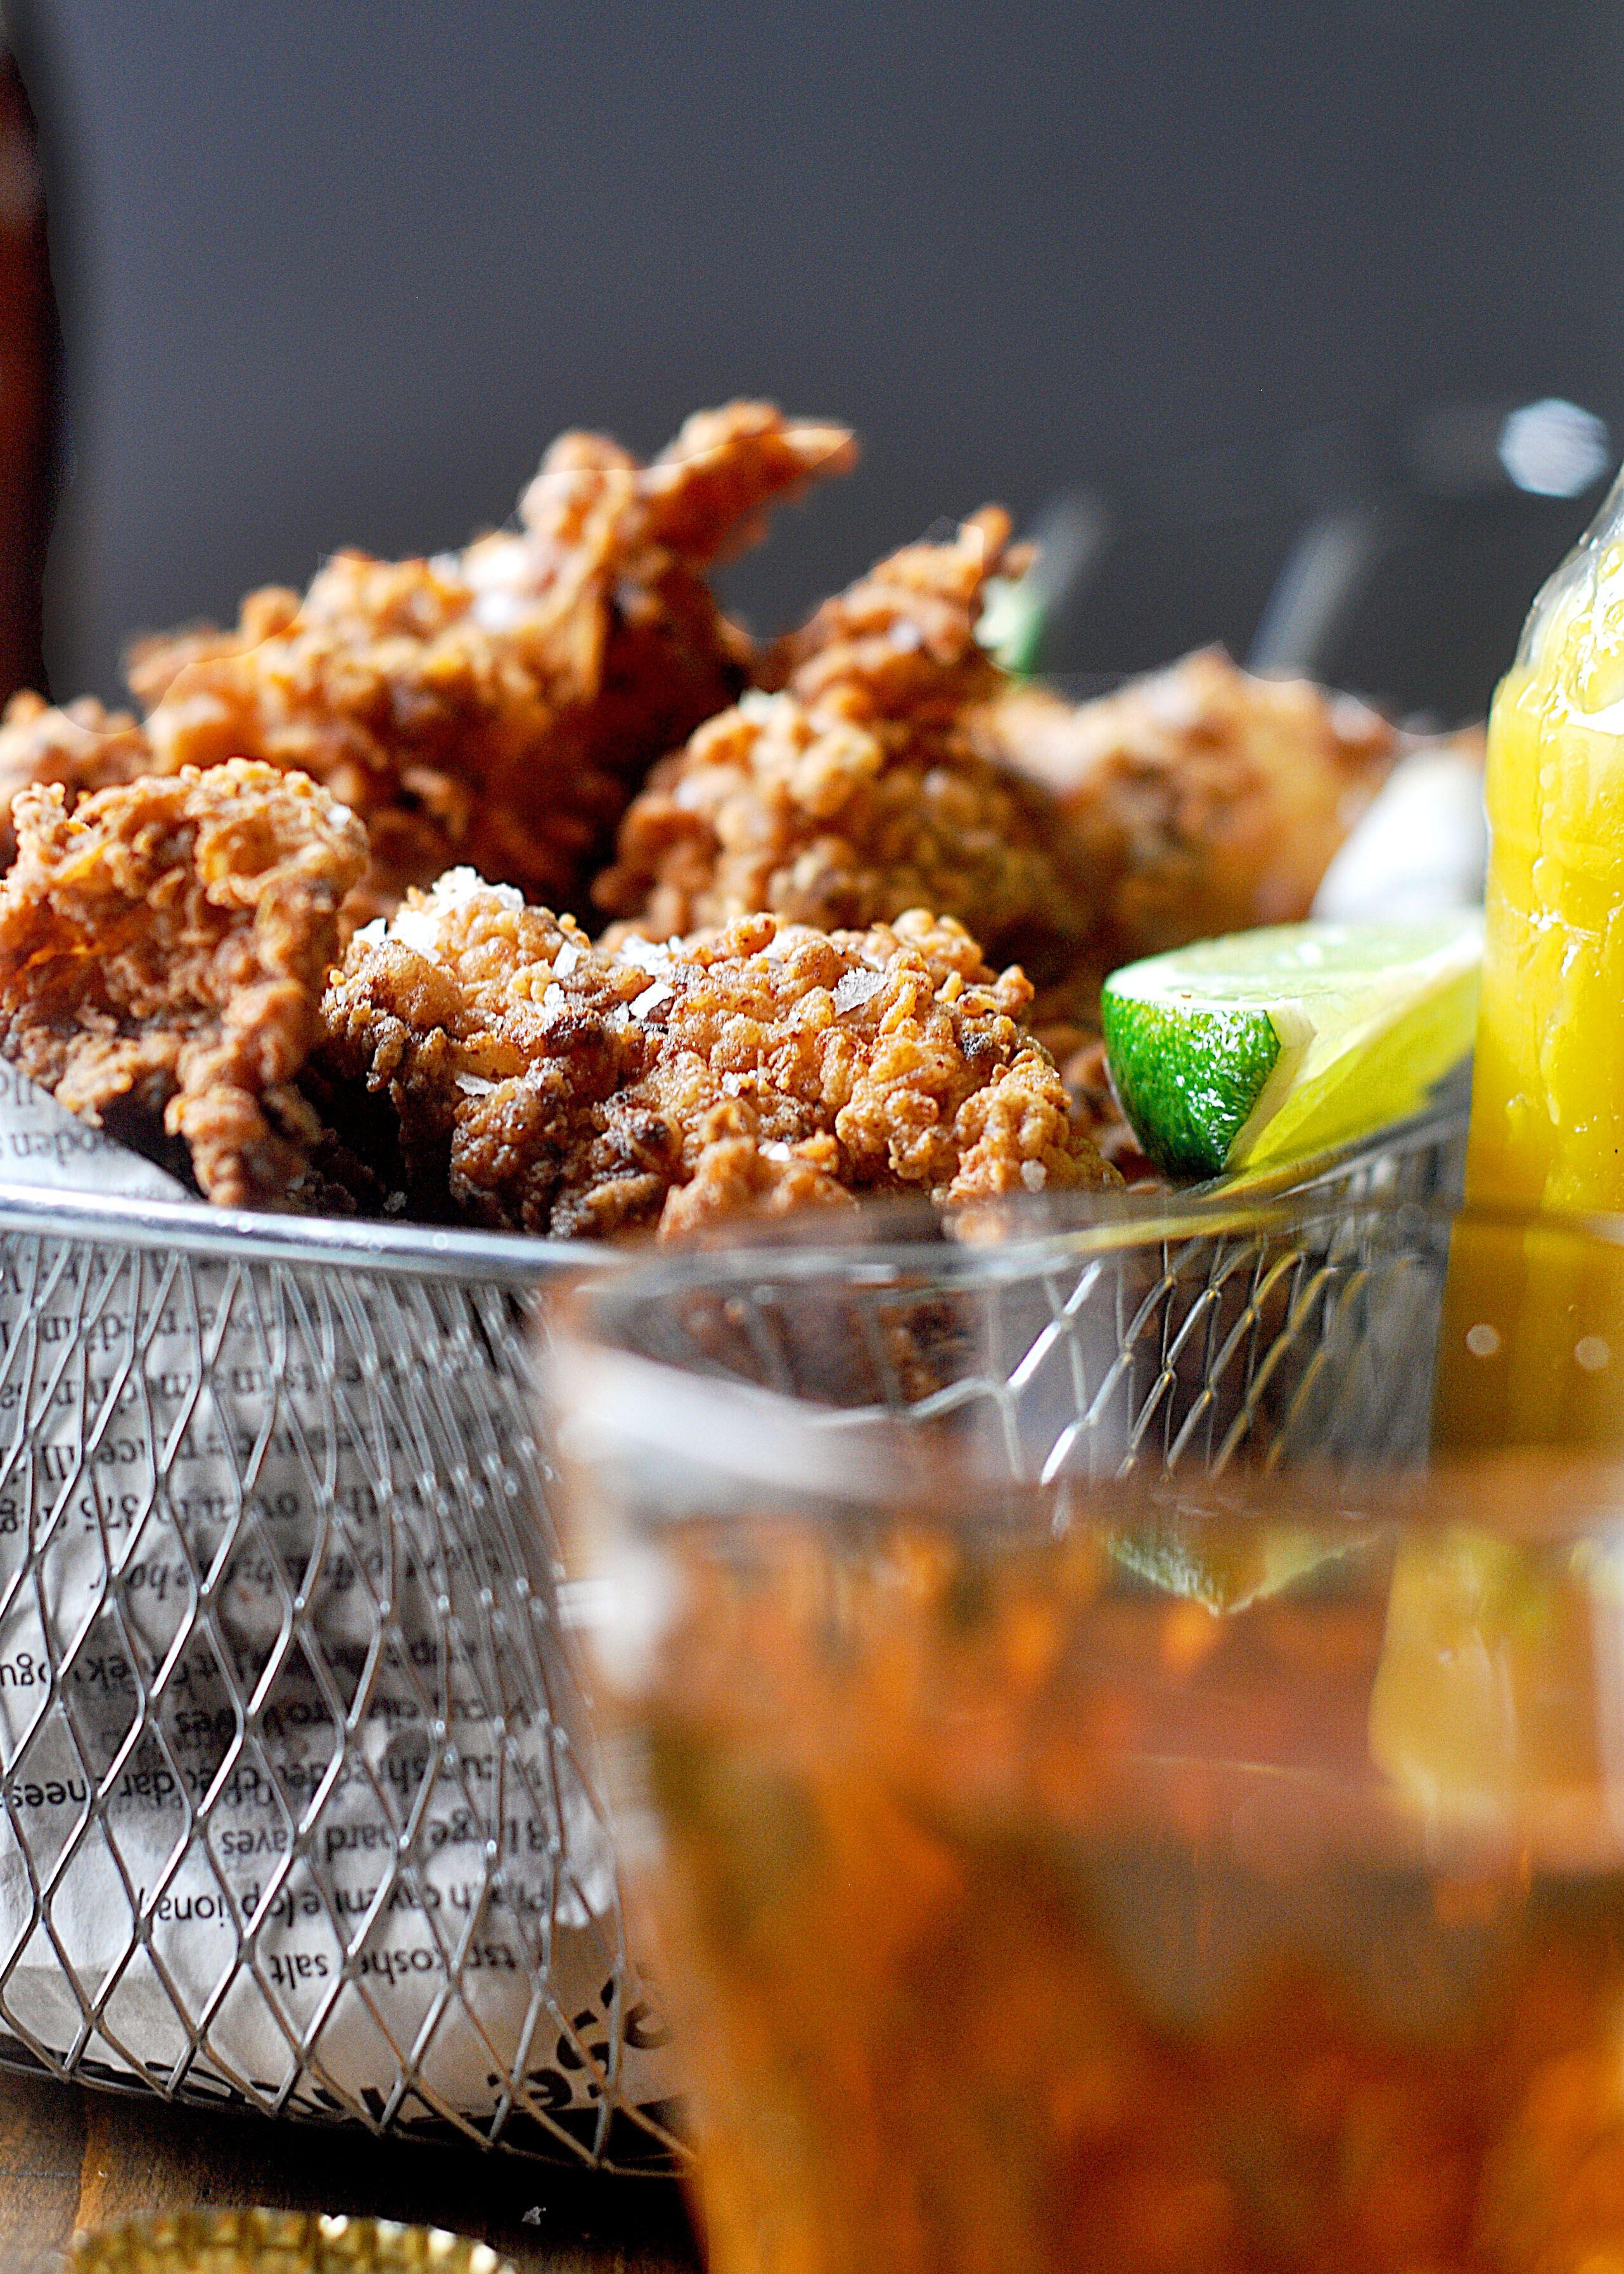 Spicy Fried Chicken With Mango Habanero Hot Sauce Recipe Spicy Fried Chicken Habanero Hot Sauce Fried Chicken